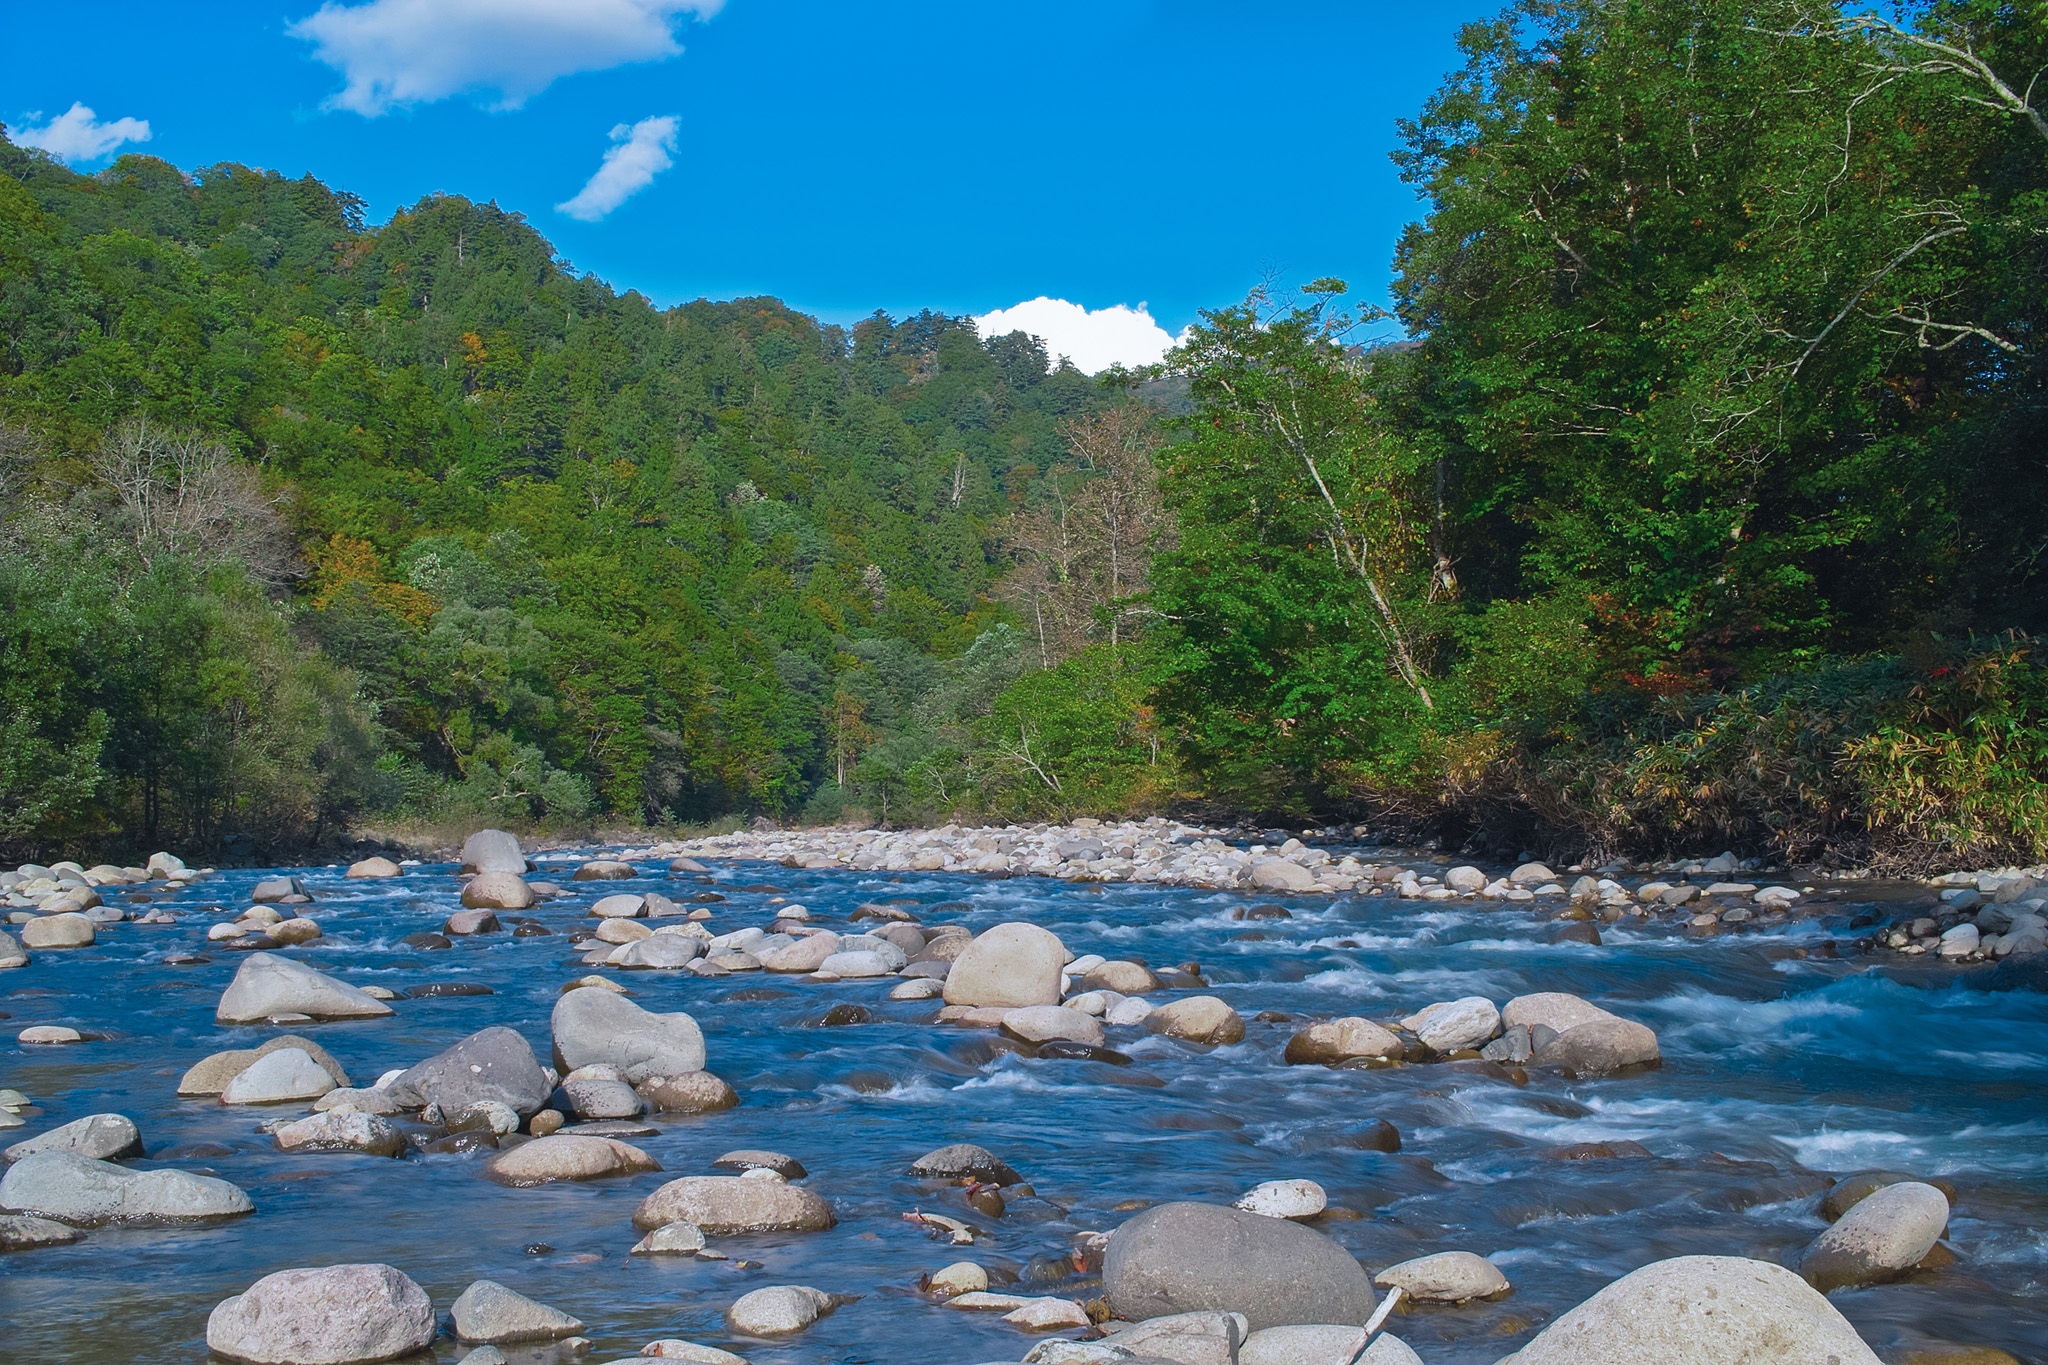 夏の河原と浅瀬を流れる水